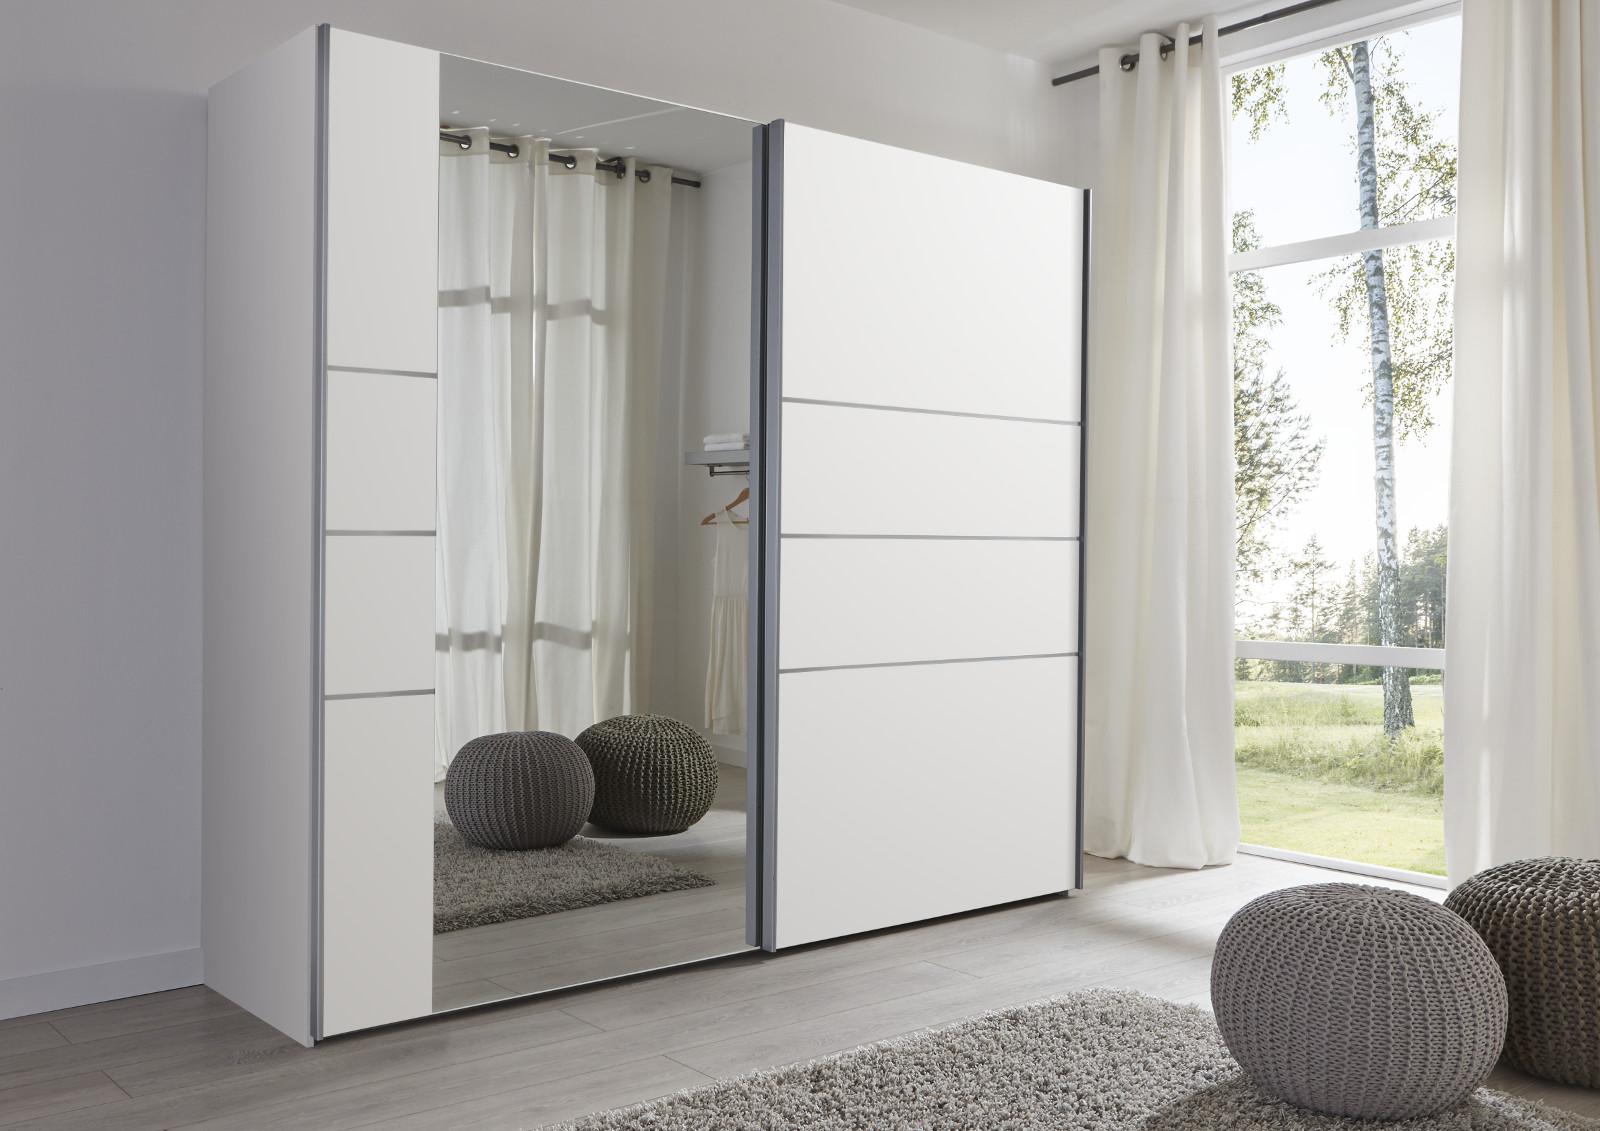 babyzimmer kinderzimmer weiss rosa hippo 3 teilig designerm bel moderne m bel owl. Black Bedroom Furniture Sets. Home Design Ideas